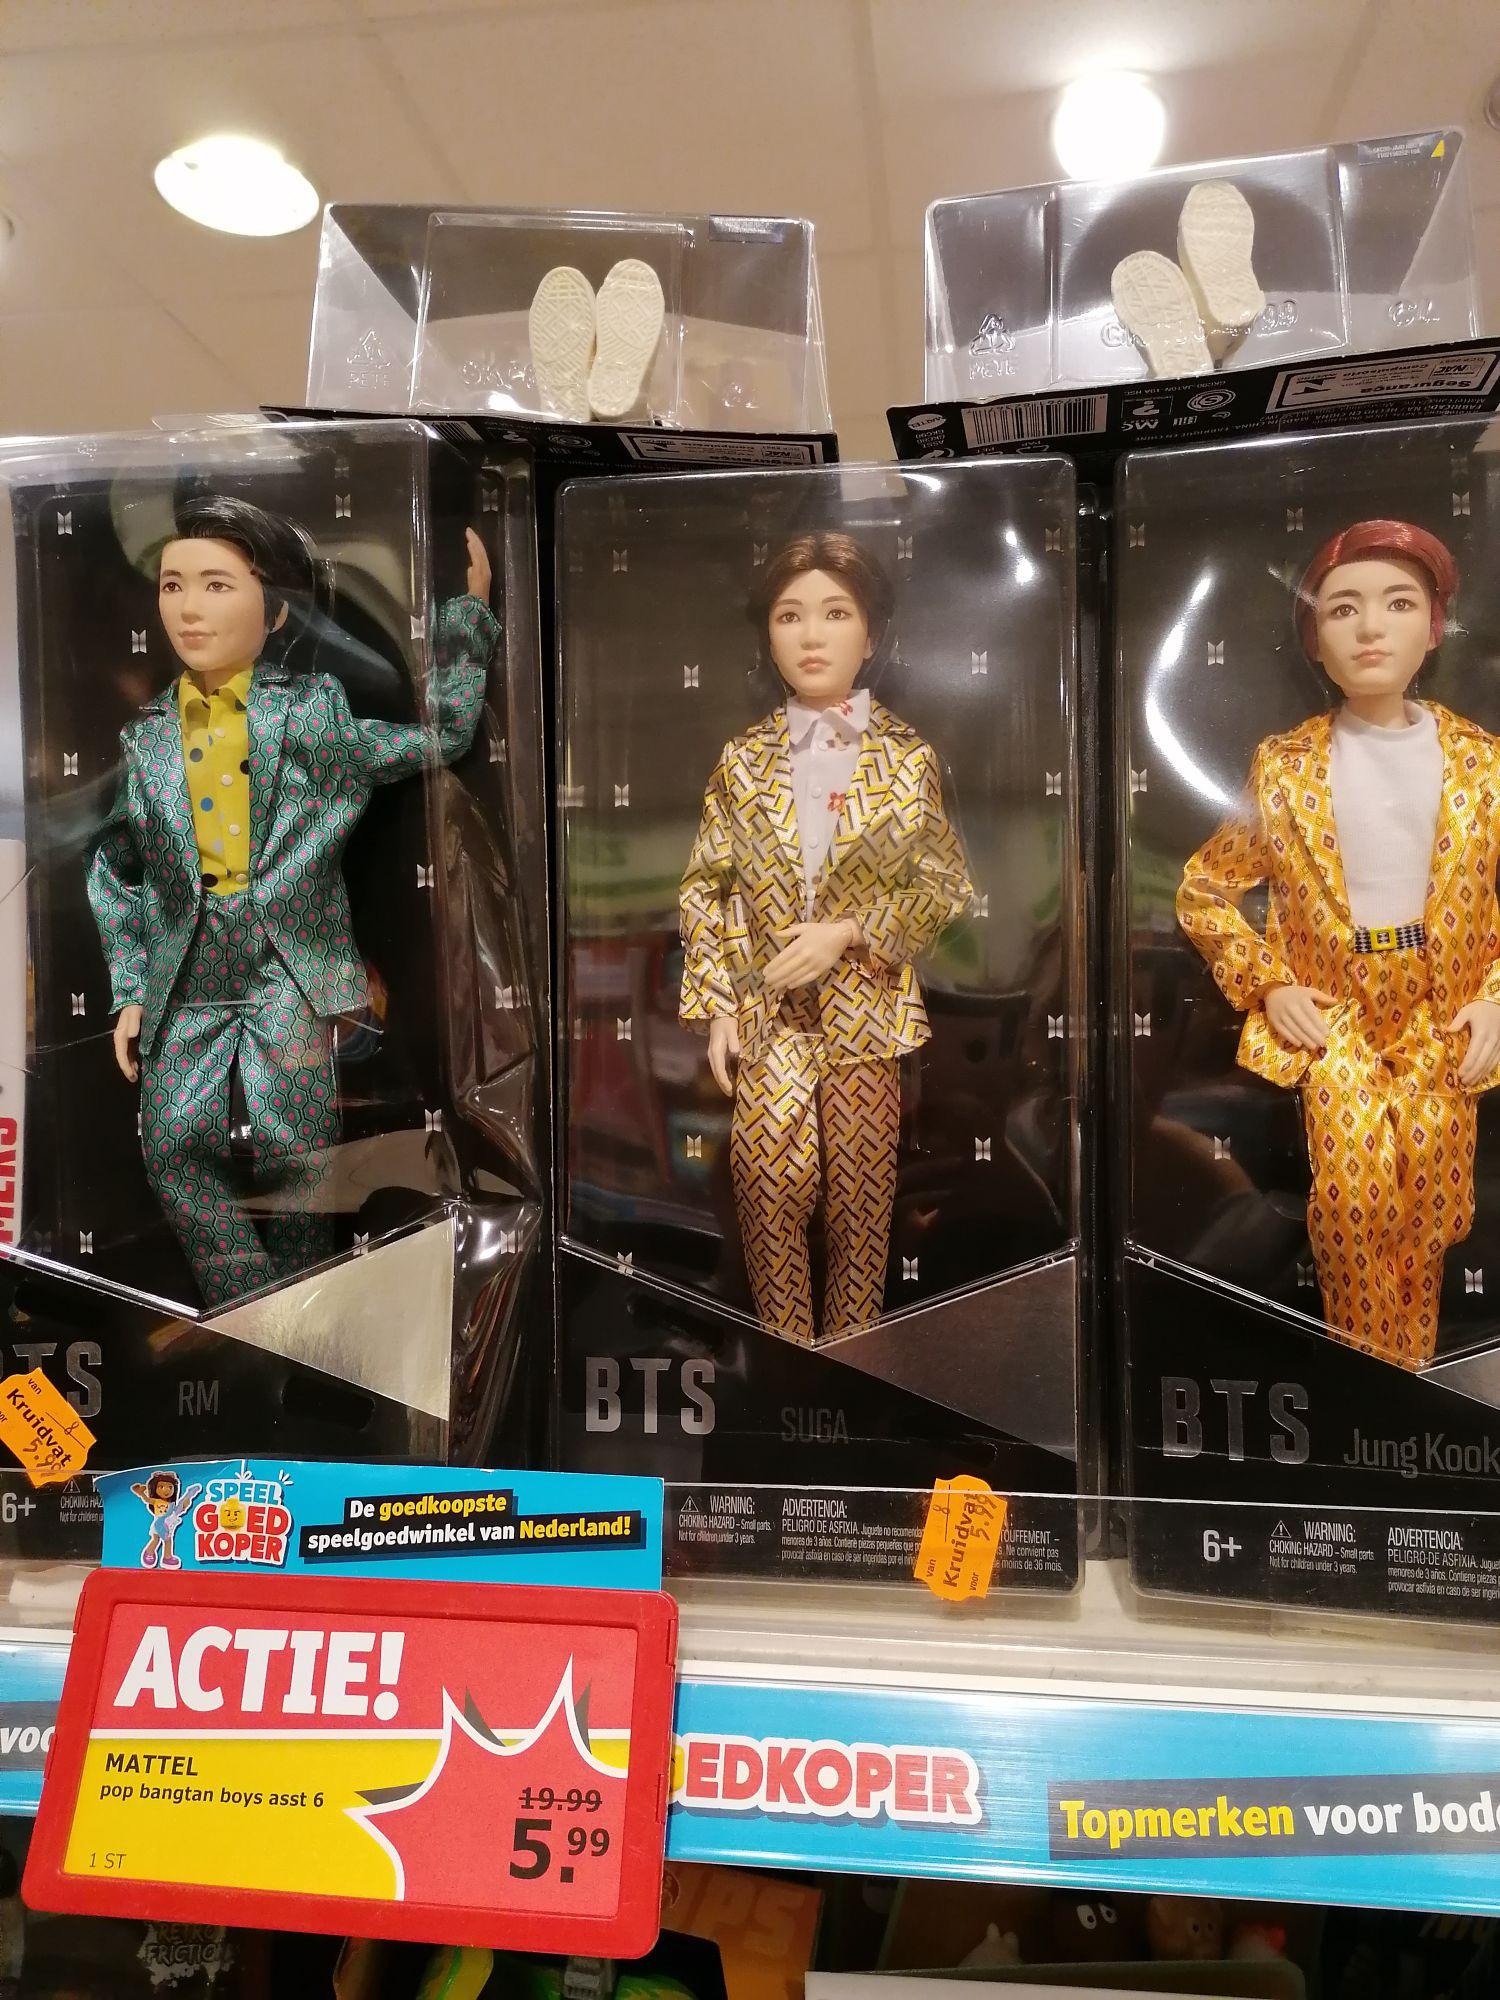 BTS pop (MATTEL) 5.99 bij kruidvat